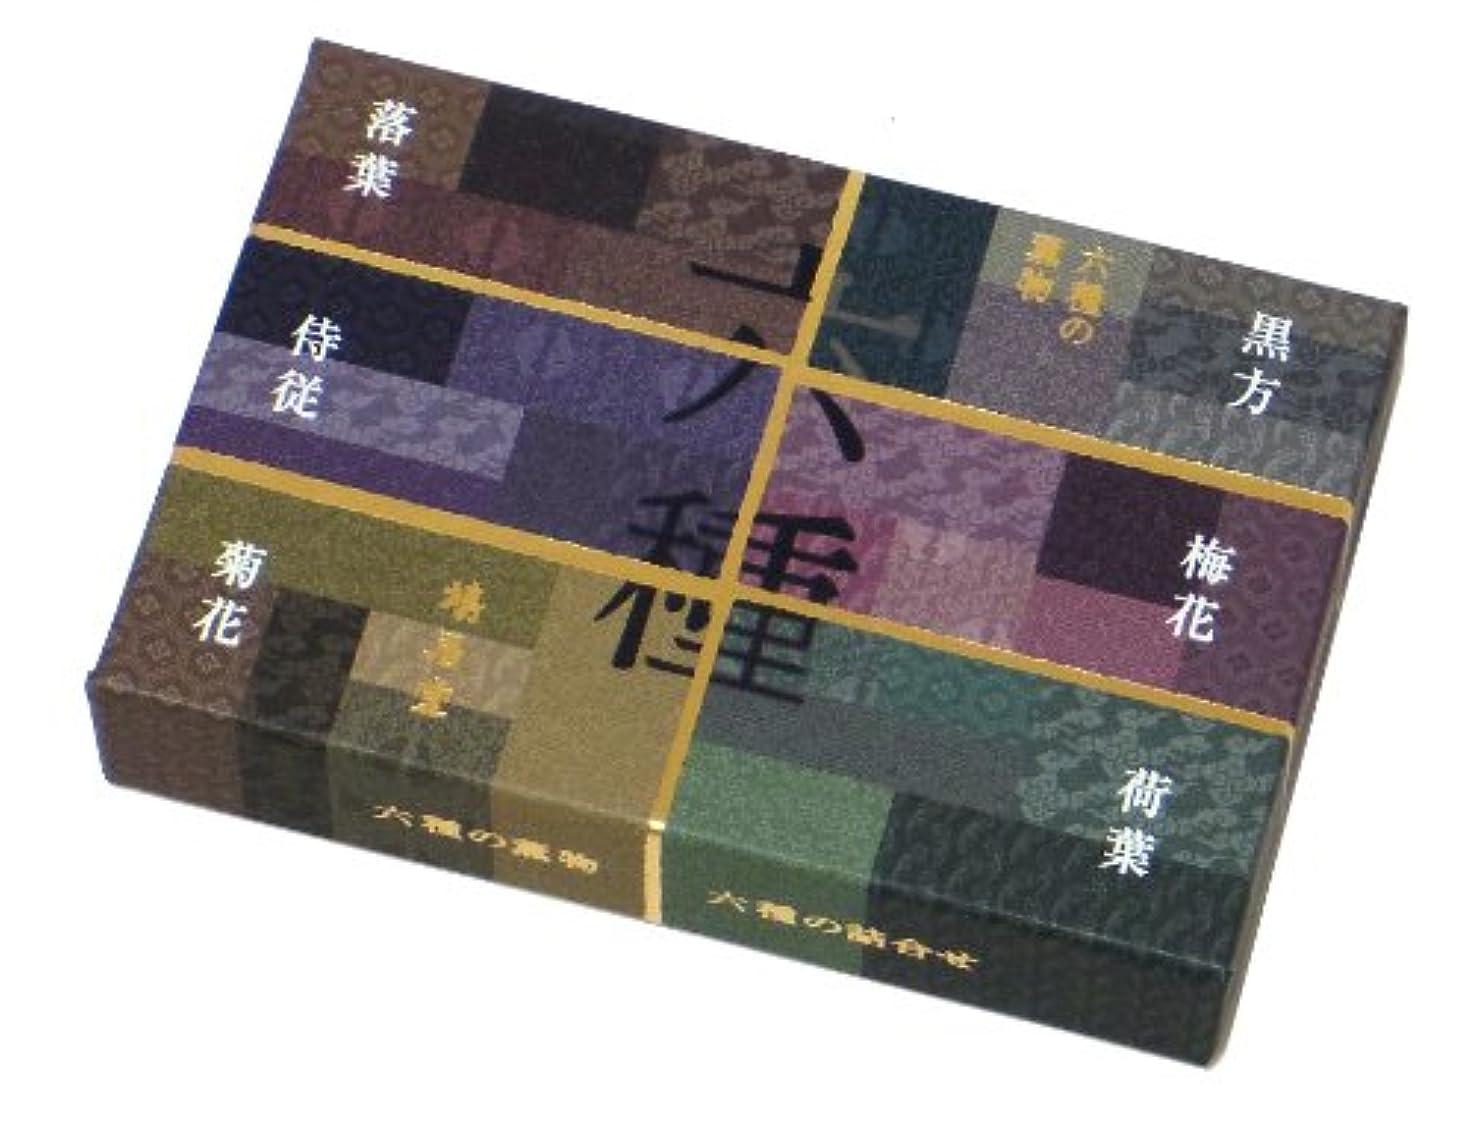 姿勢ばかげているラウンジ鳩居堂のお香 六種の薫物6種セット 6種類各5本入 6cm 香立入